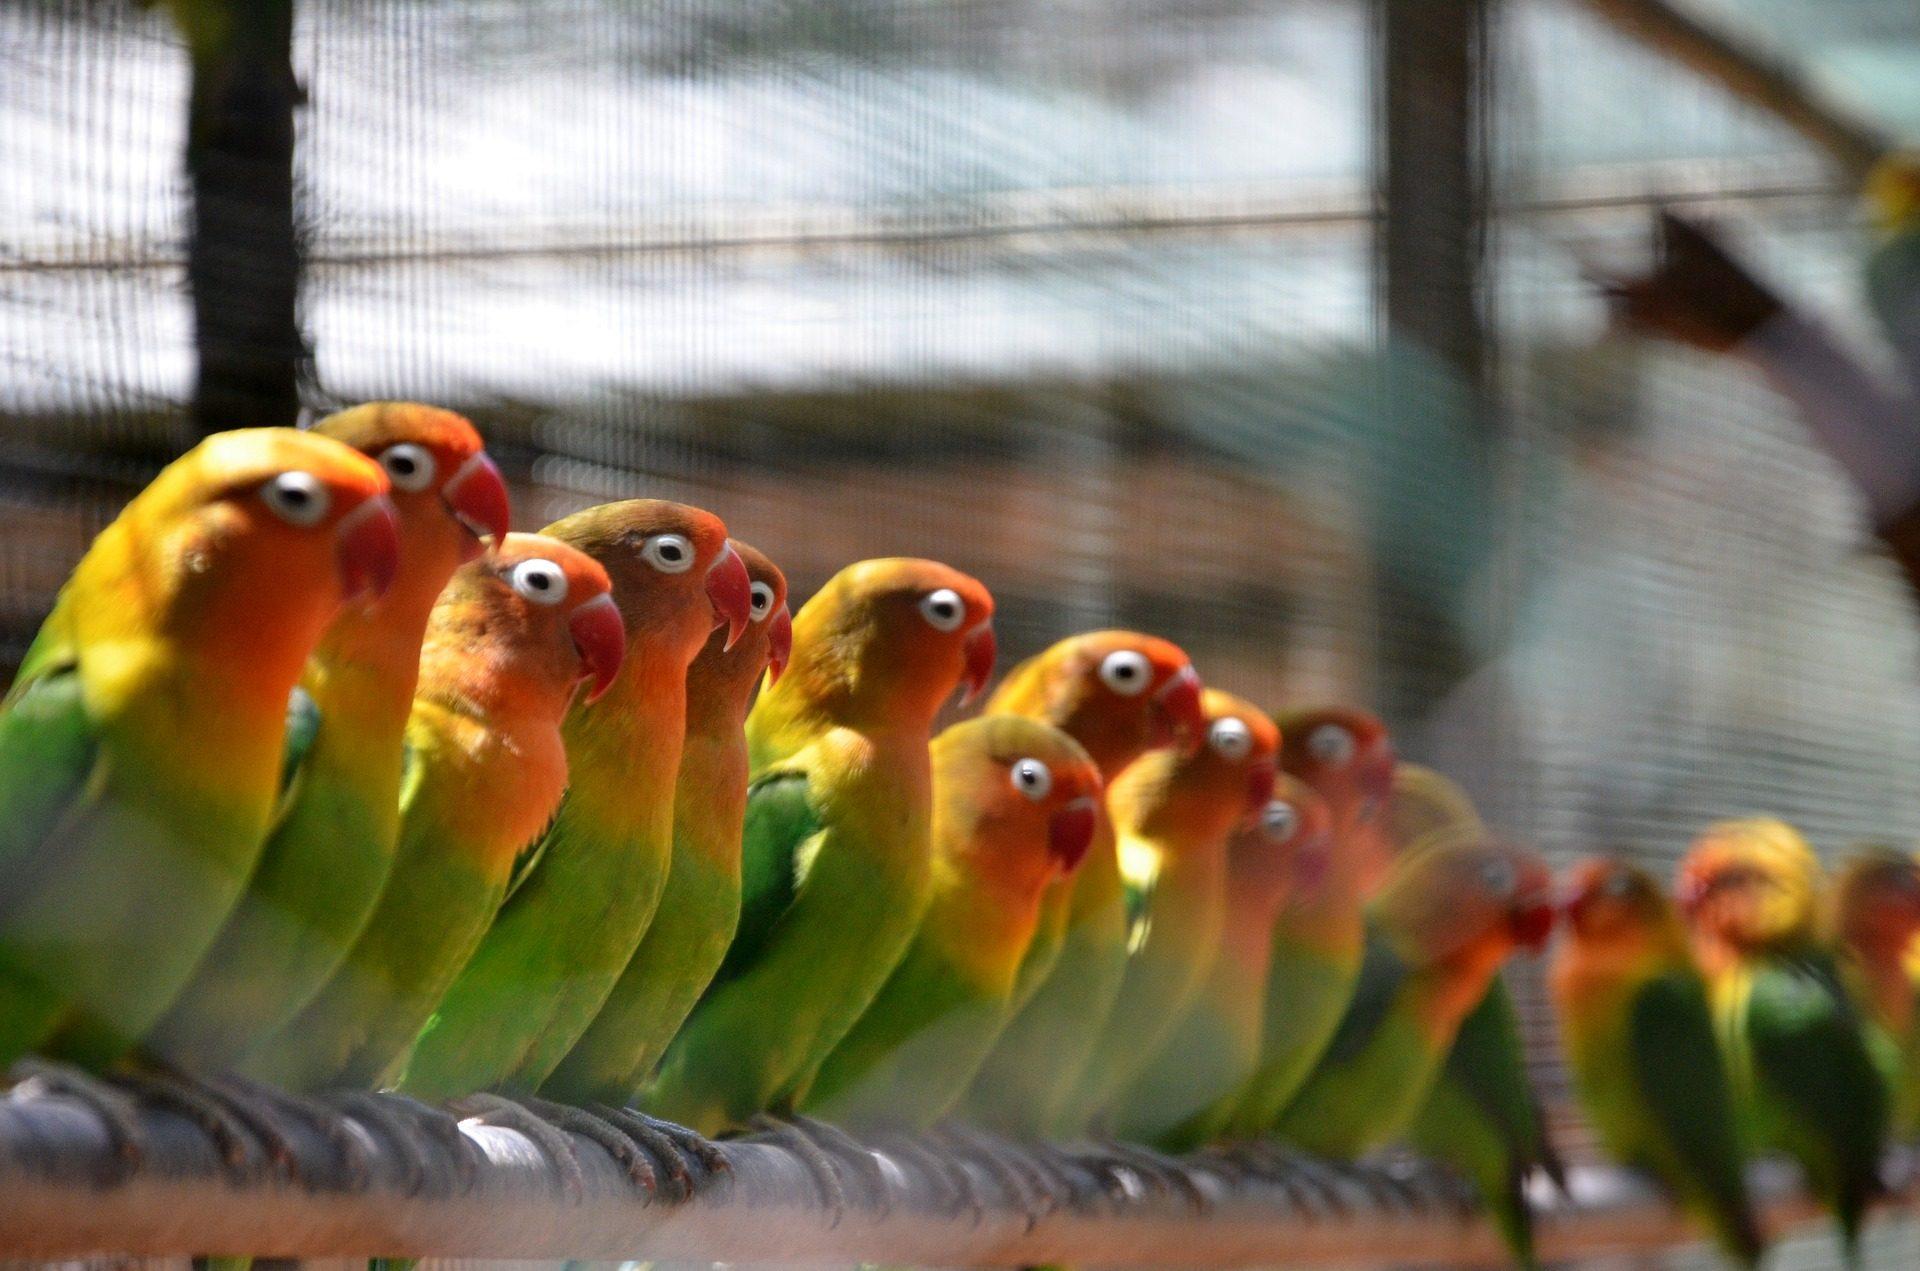 inseparabili, uccelli, parrocchetti, livree, colorato - Sfondi HD - Professor-falken.com